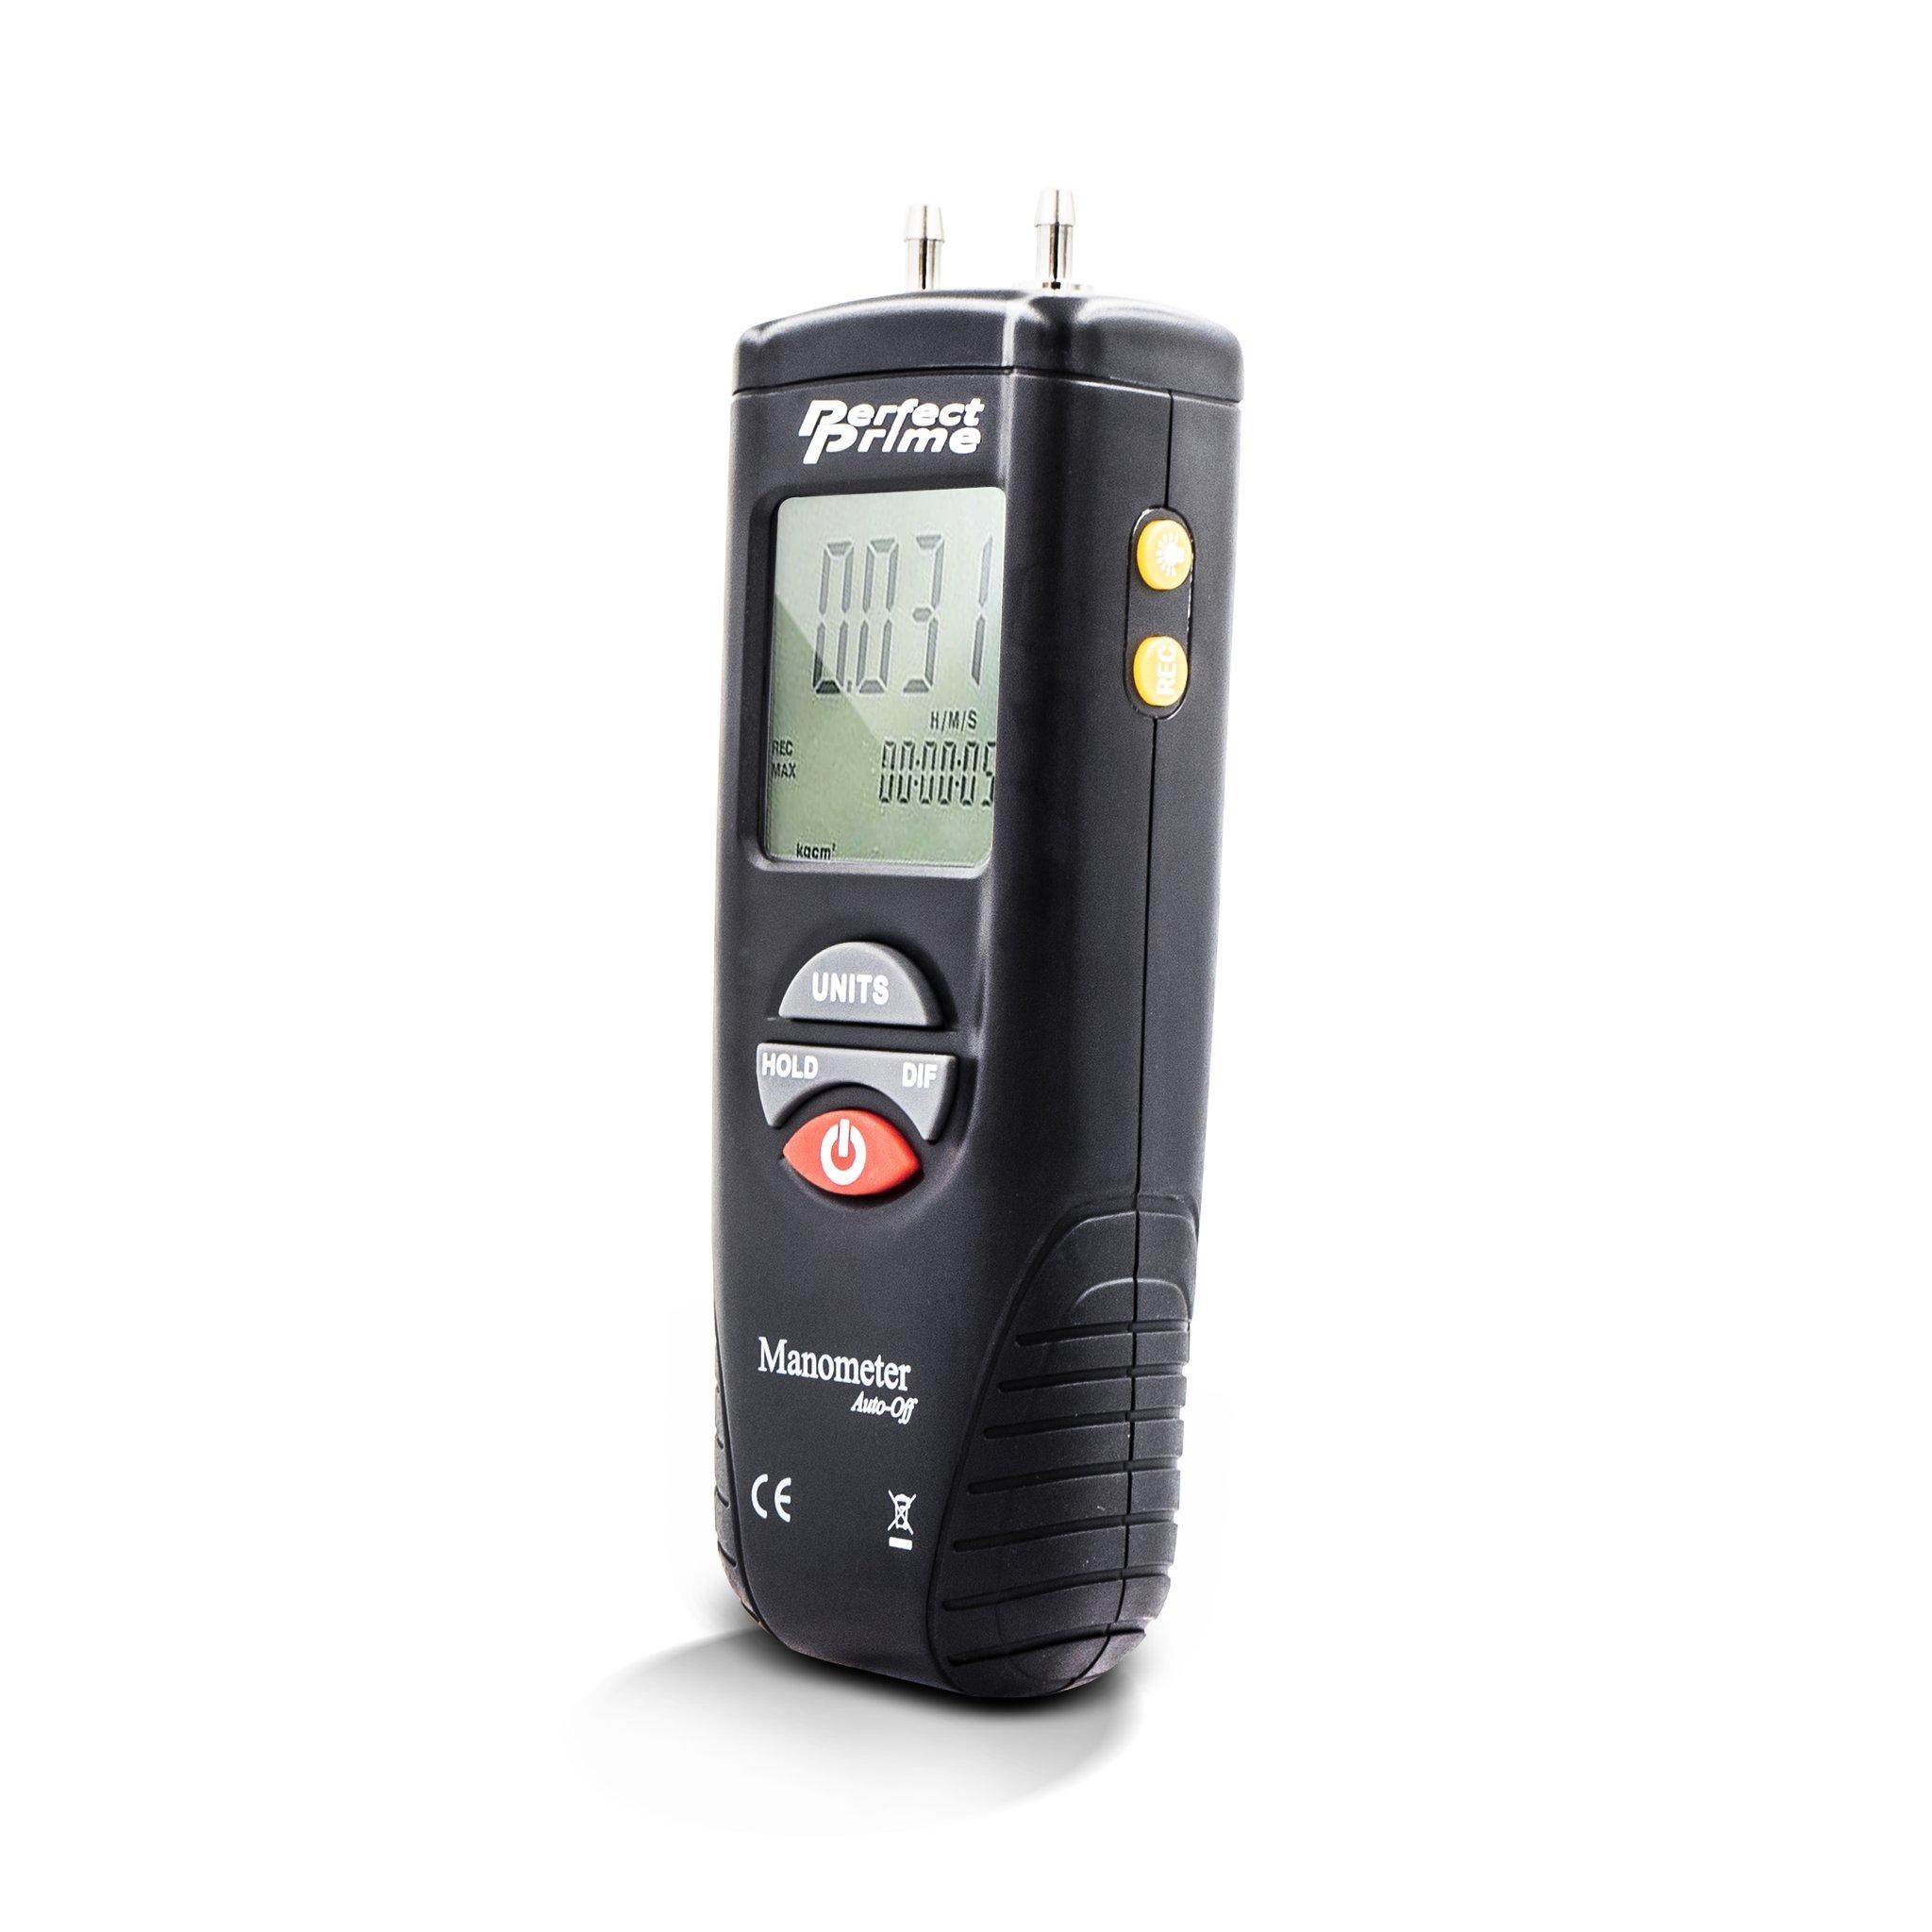 Perfect-Prime AR1890 Professional Digital Air Pressure Meter & Manometer to Measure Gauge & Differential Pressure ±13.79kPa / ±2 psi / ±55.4 H2O